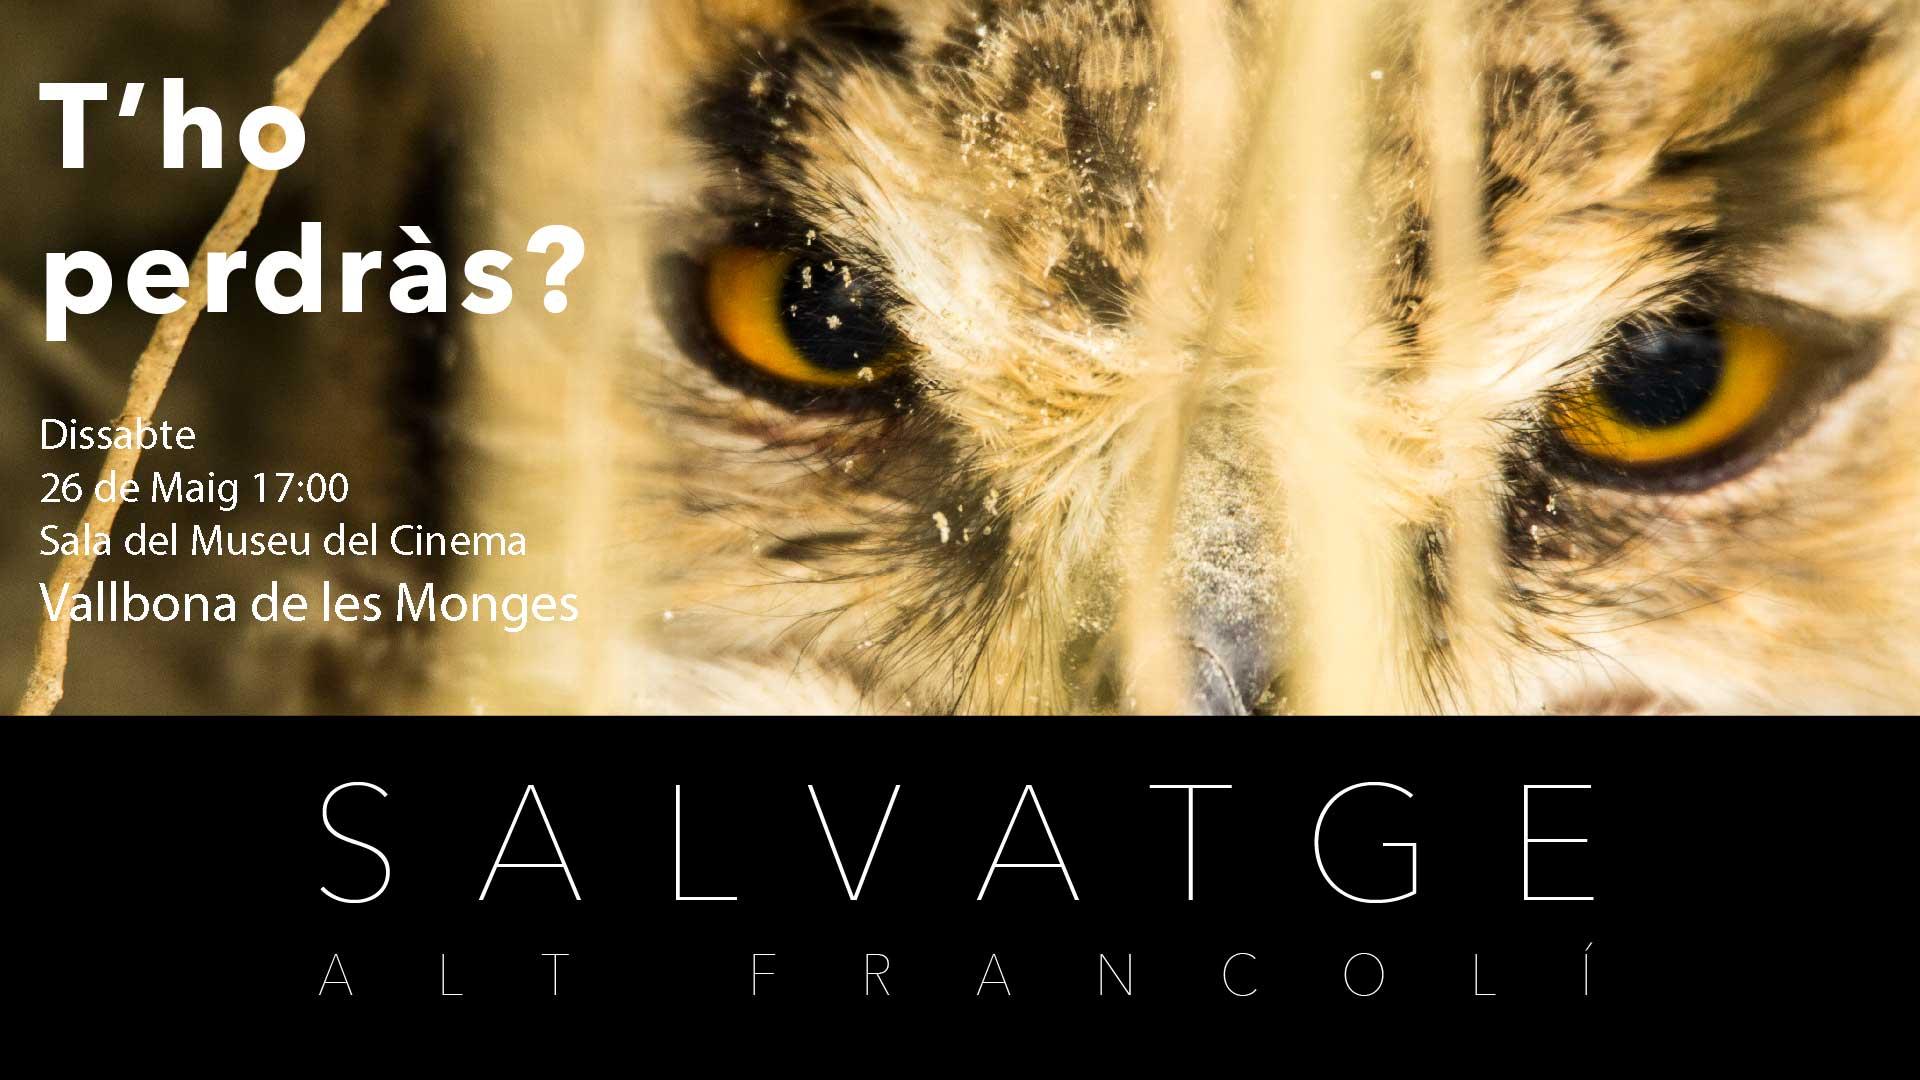 Cartell de Salvatge -Alt Francolí per a la fira Vallbonatura de Vallbona de les Monges